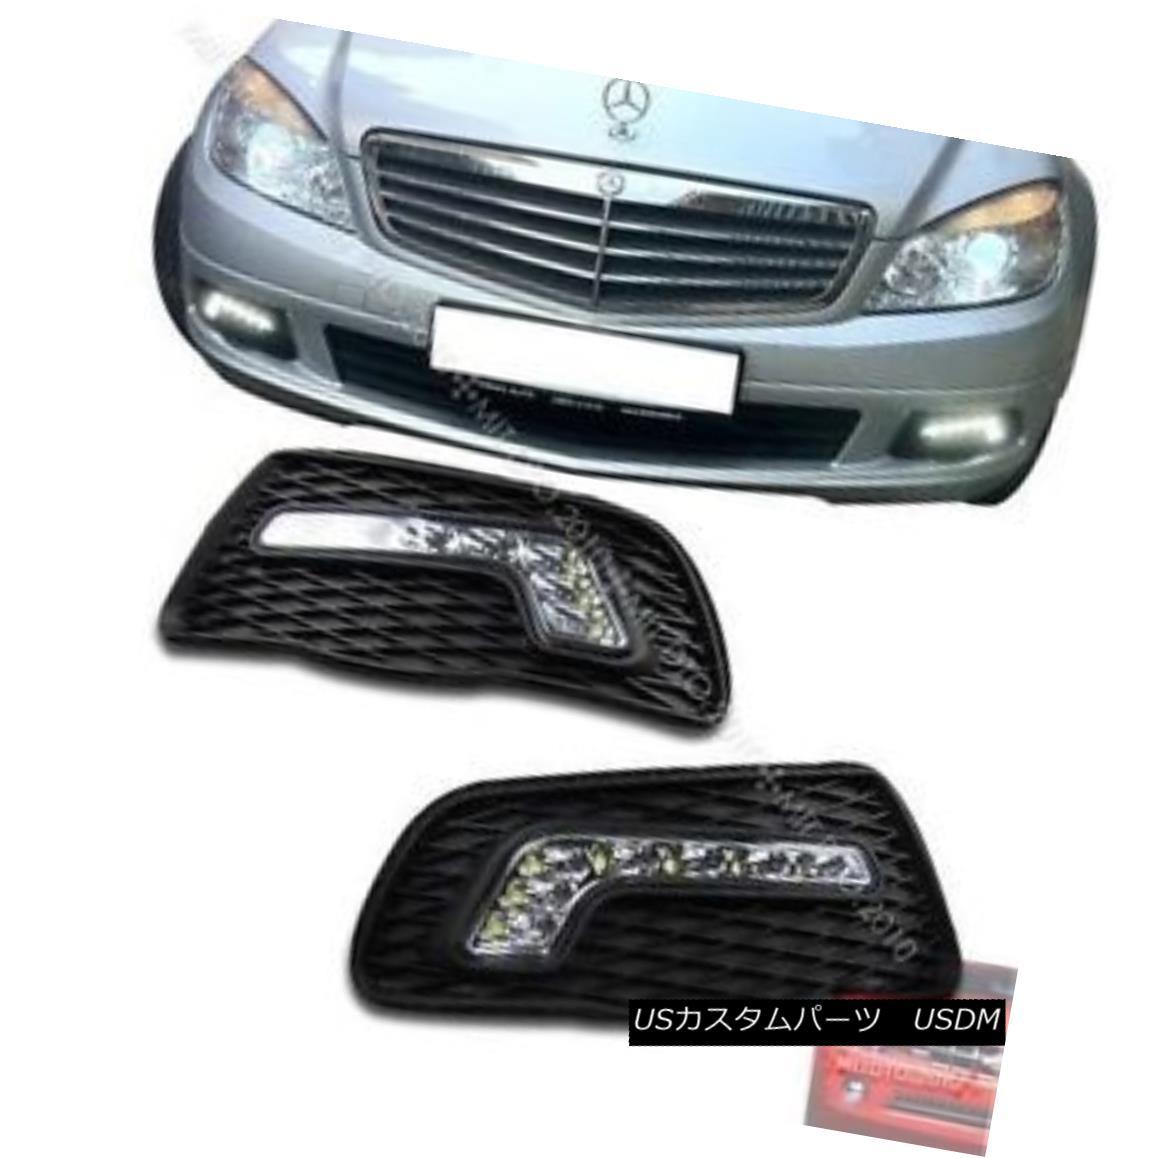 エアロパーツ Mercedes BENZ W204 C-class Sedan LED Daytime Running Light DRL 08-11 § メルセデスベンツW204 CクラスセダンLEDデイタイムランニングライトDRL 08-11